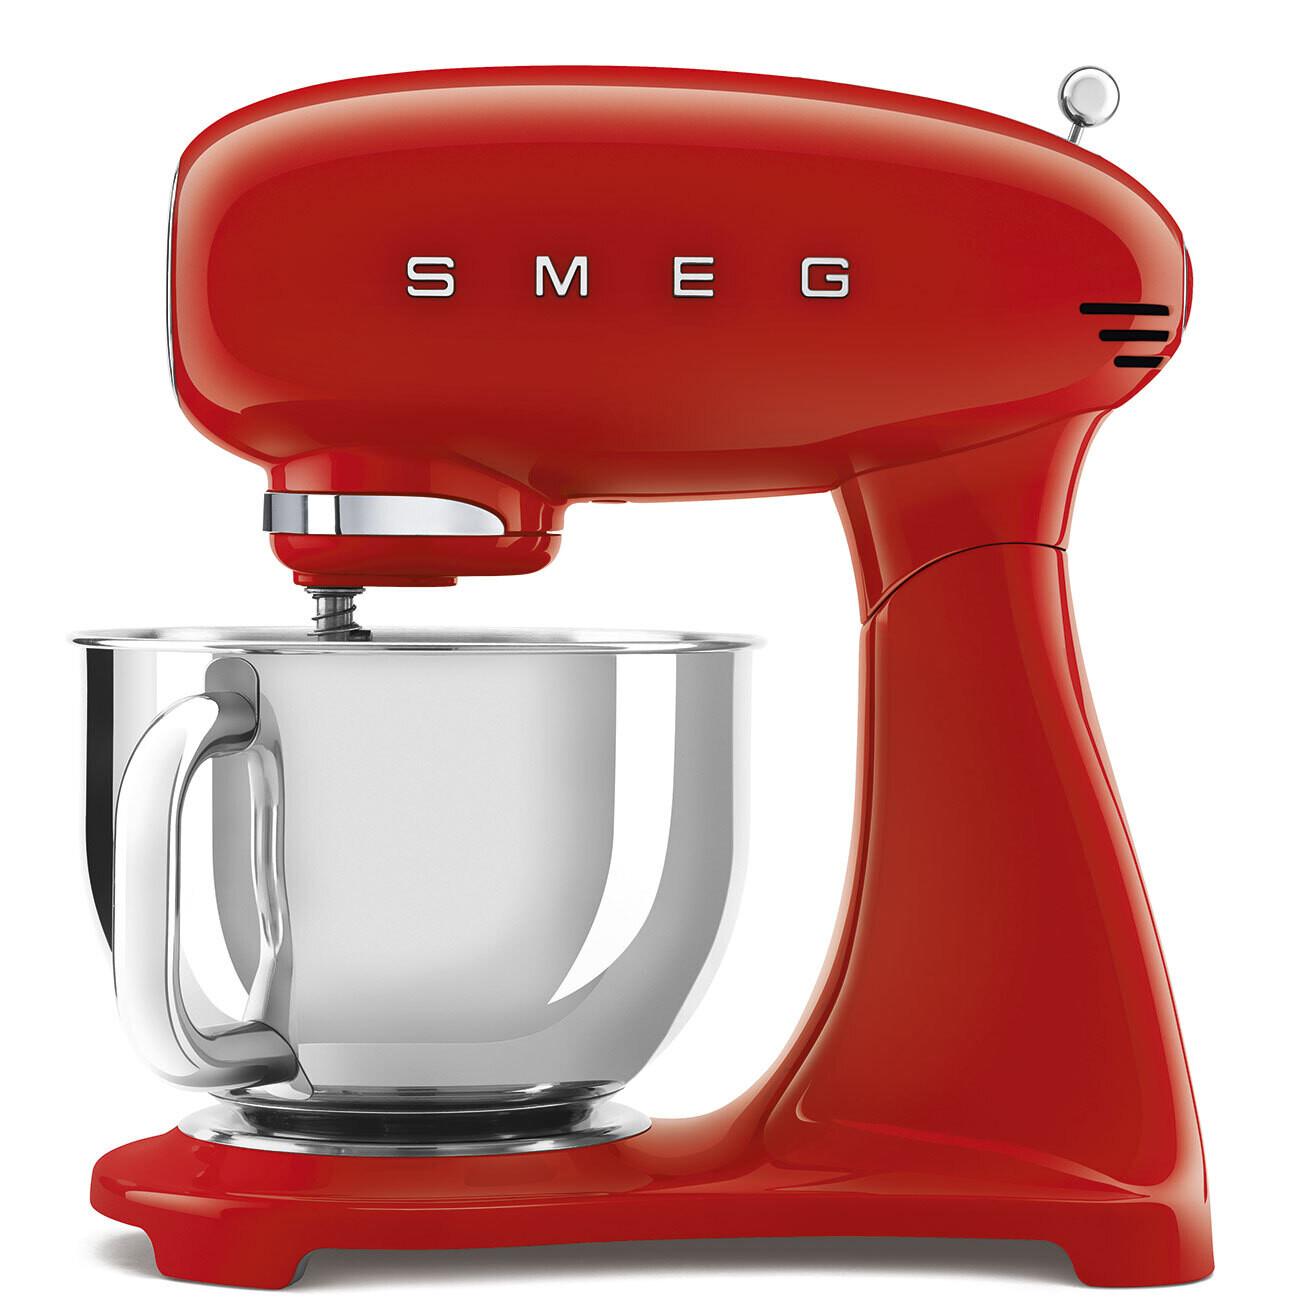 SMEG keukenrobot full colour rood